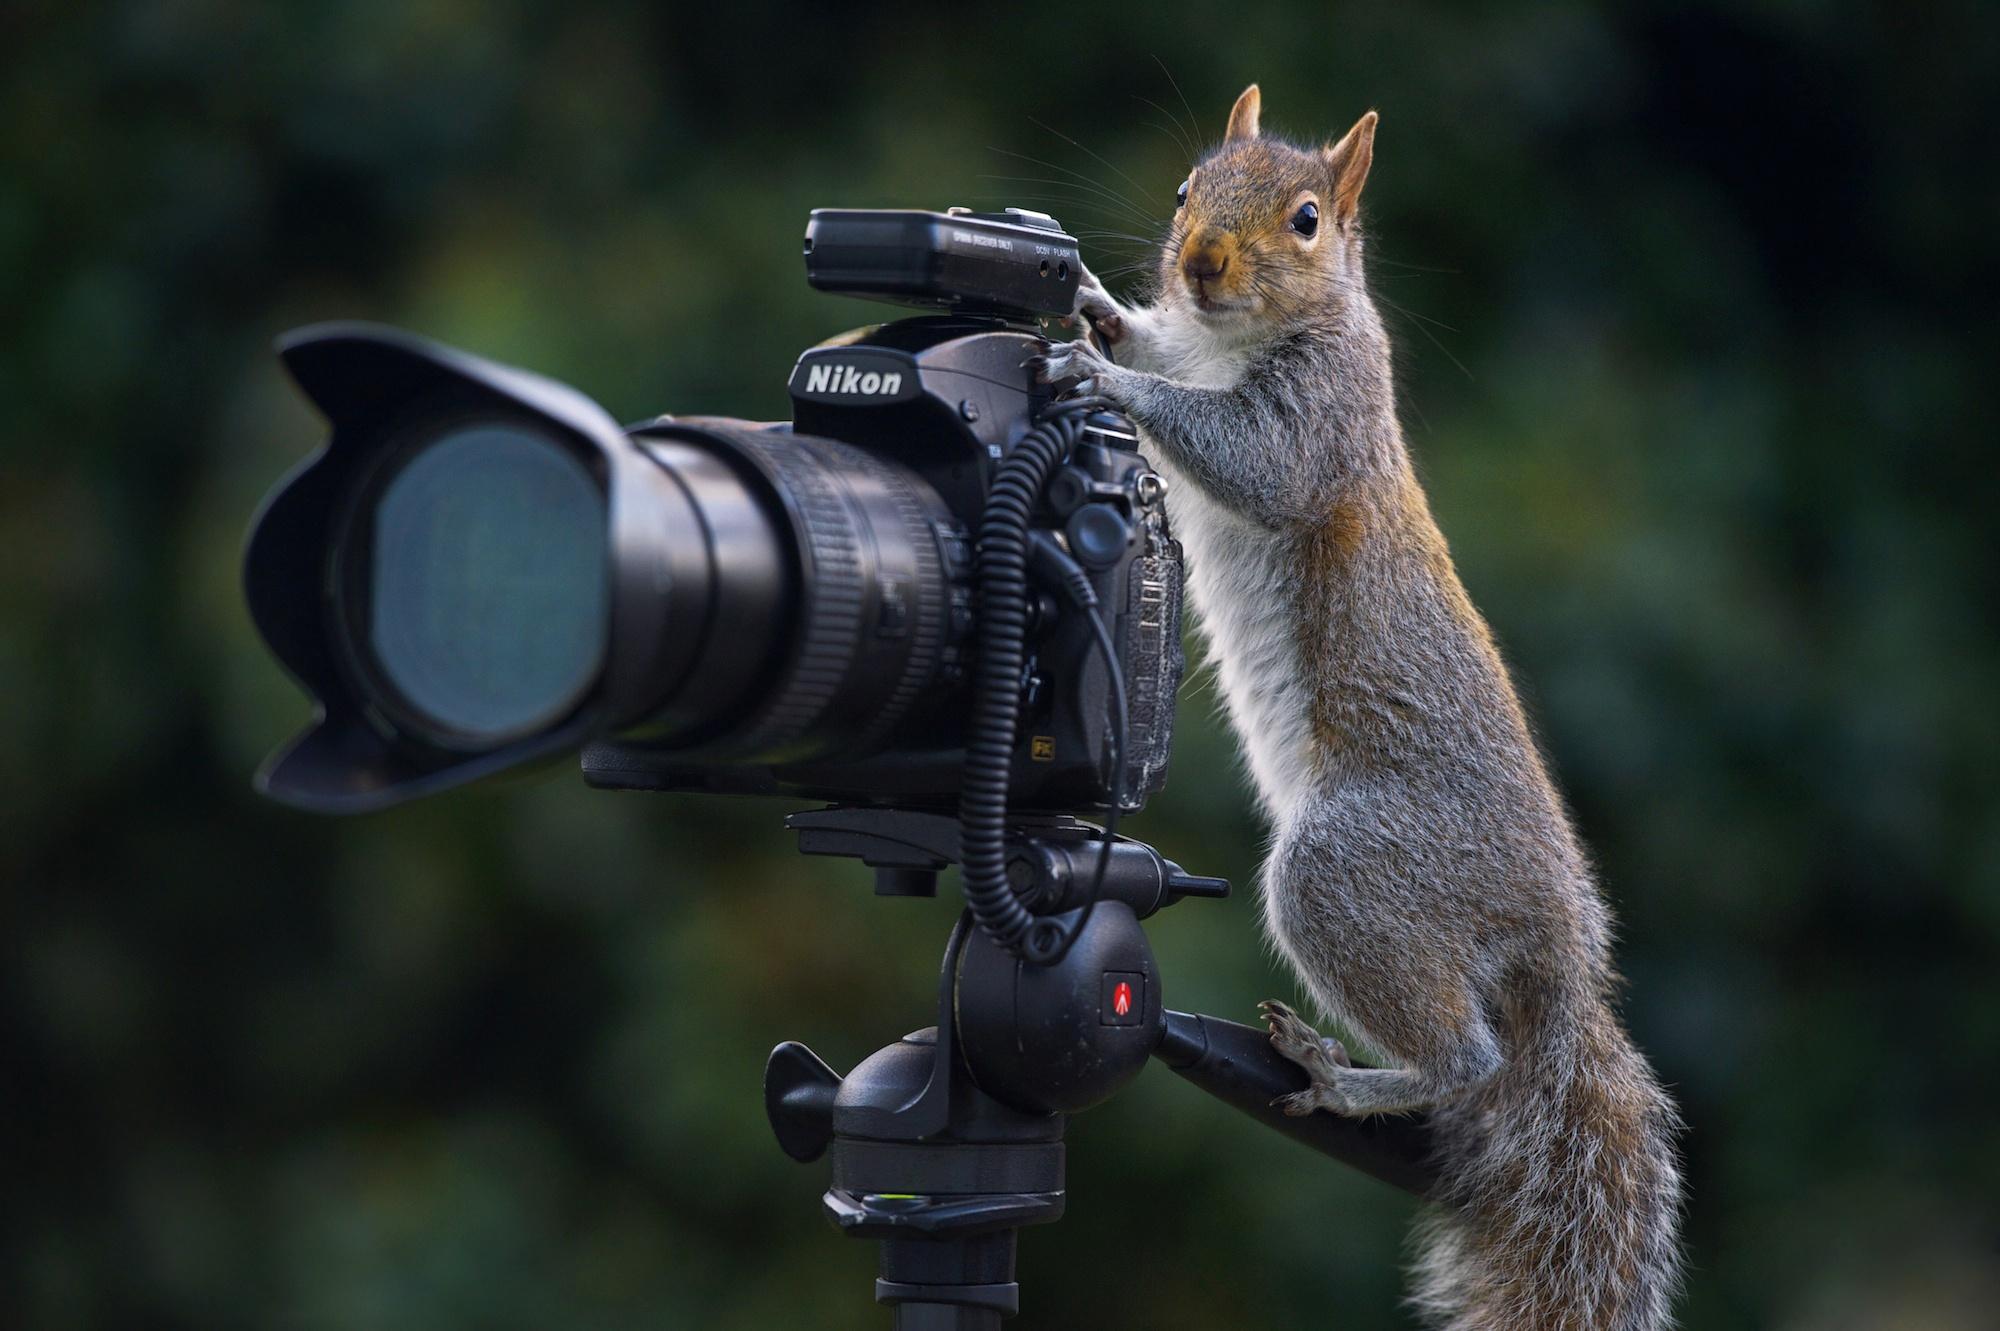 Деньгами для, прикольная картинка про фотографа